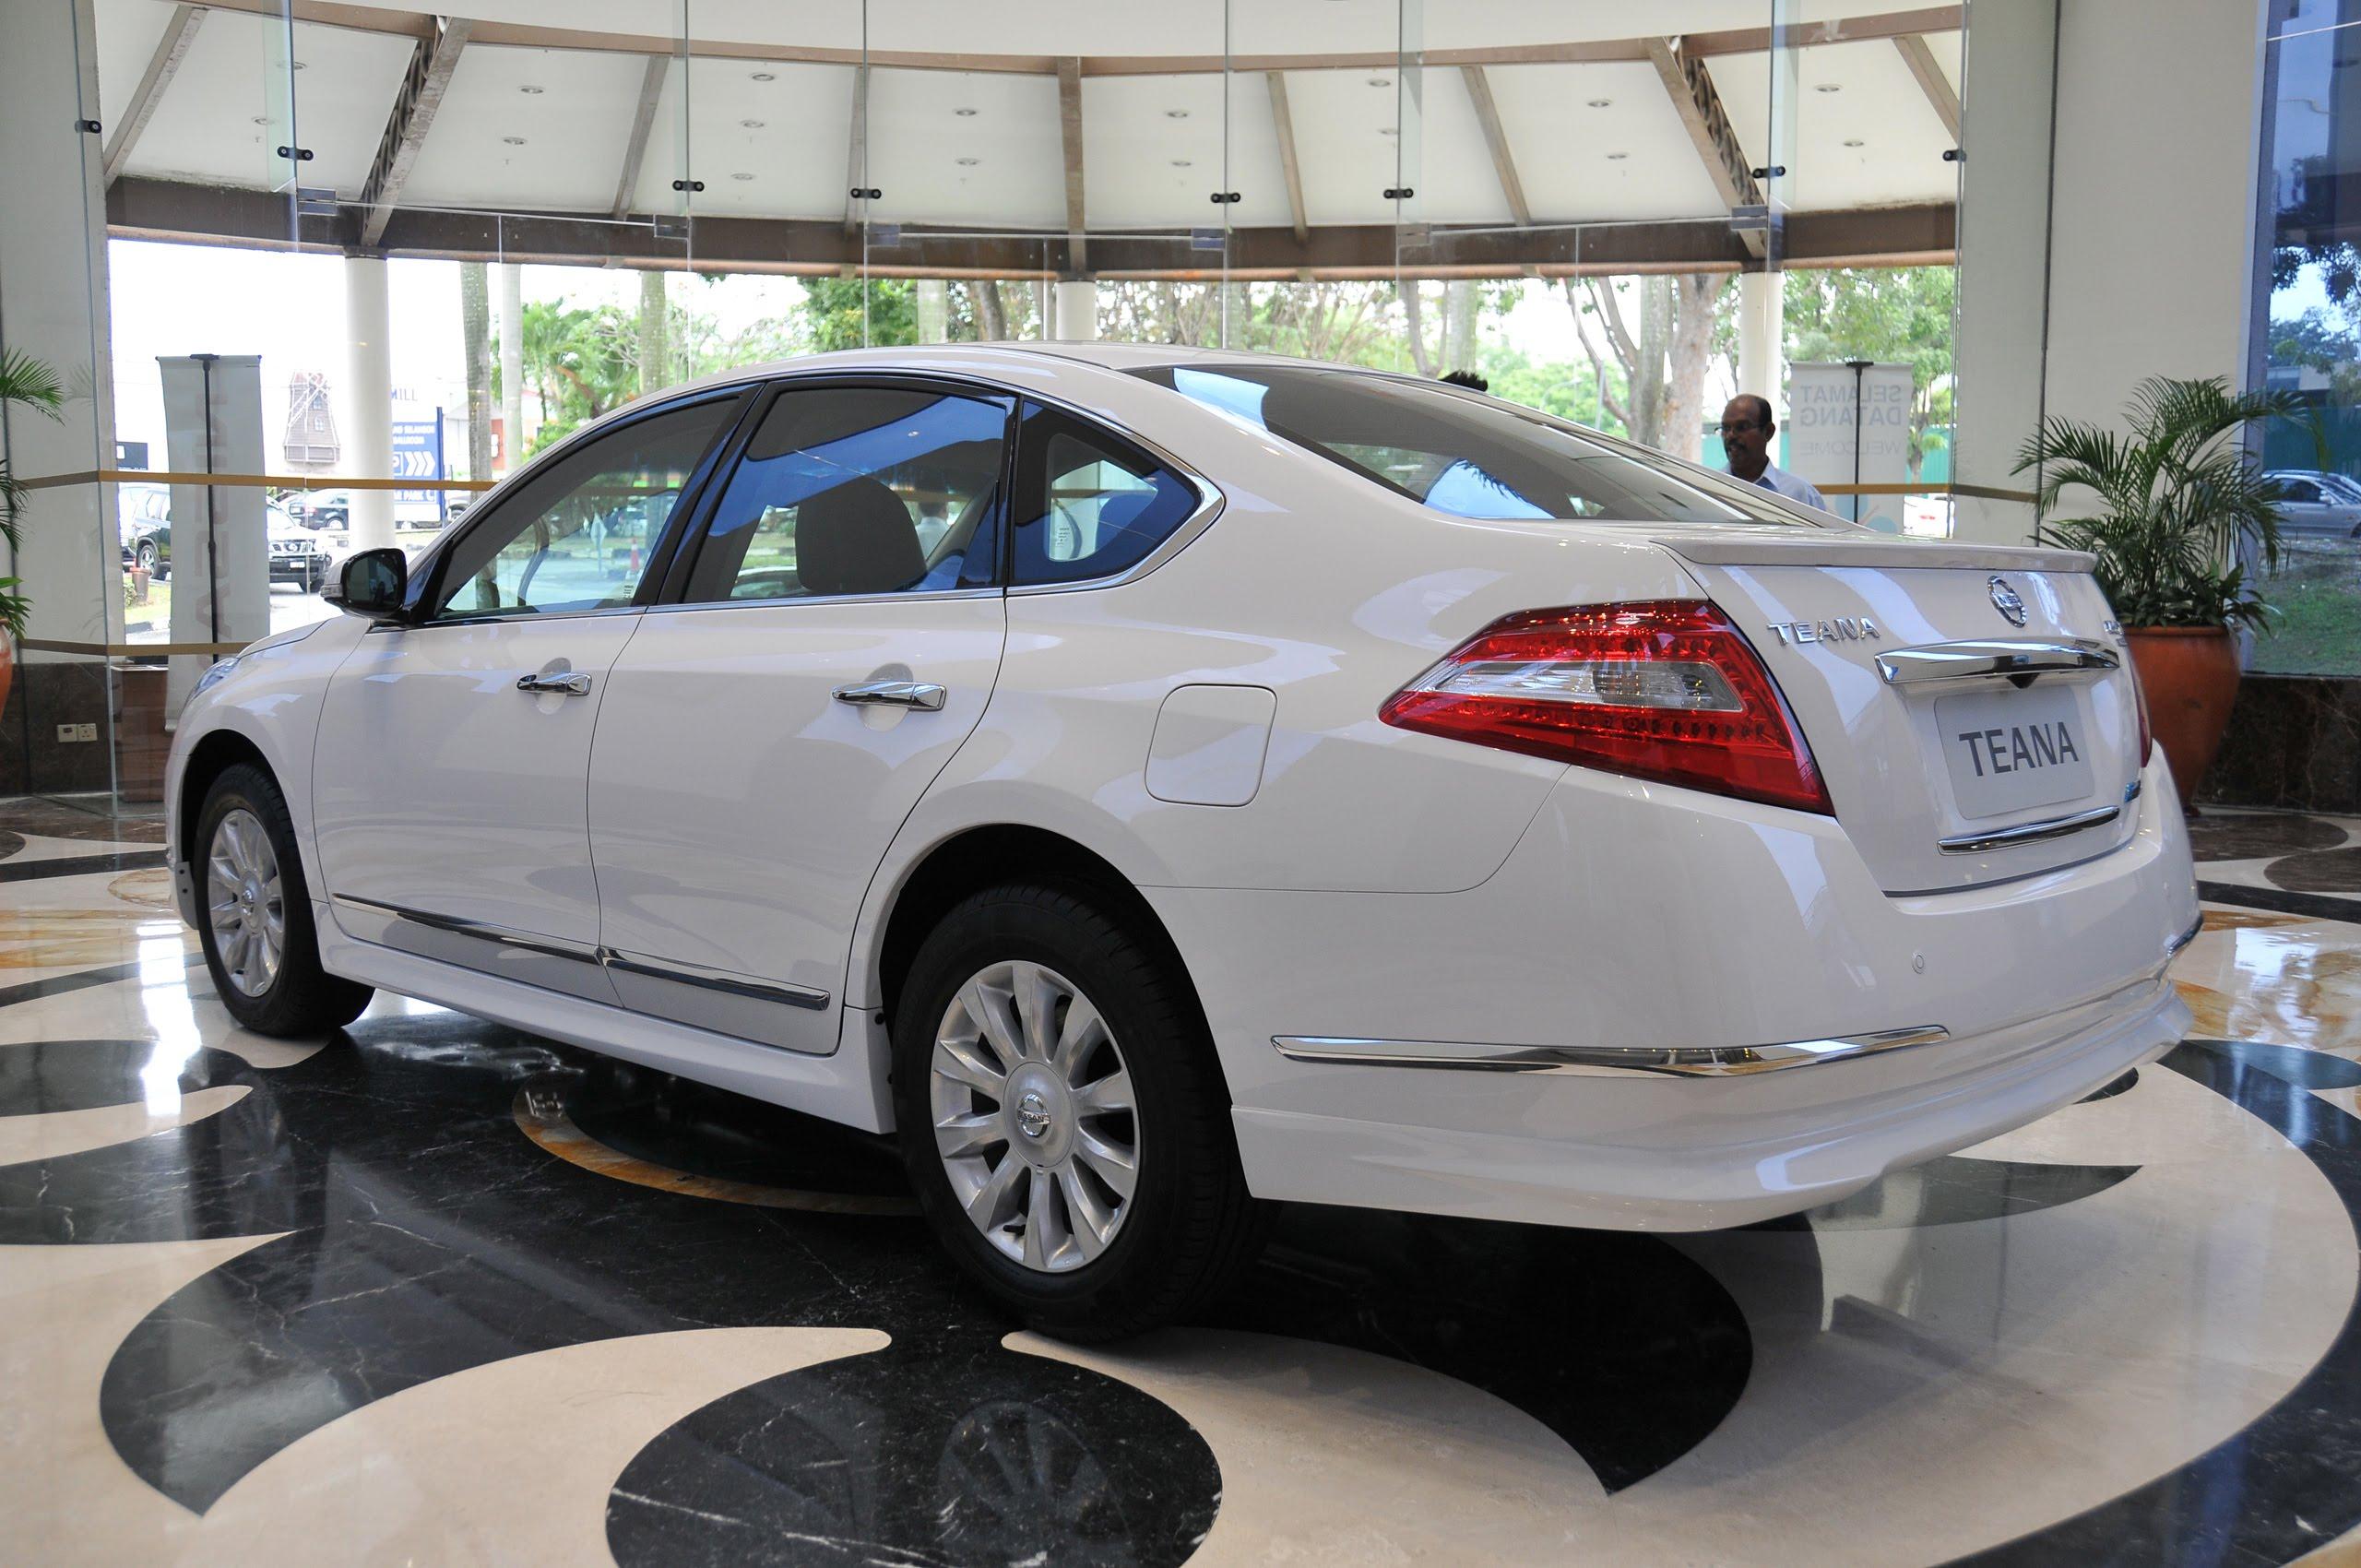 Nissan Teana II 2008 - 2011 Sedan #2